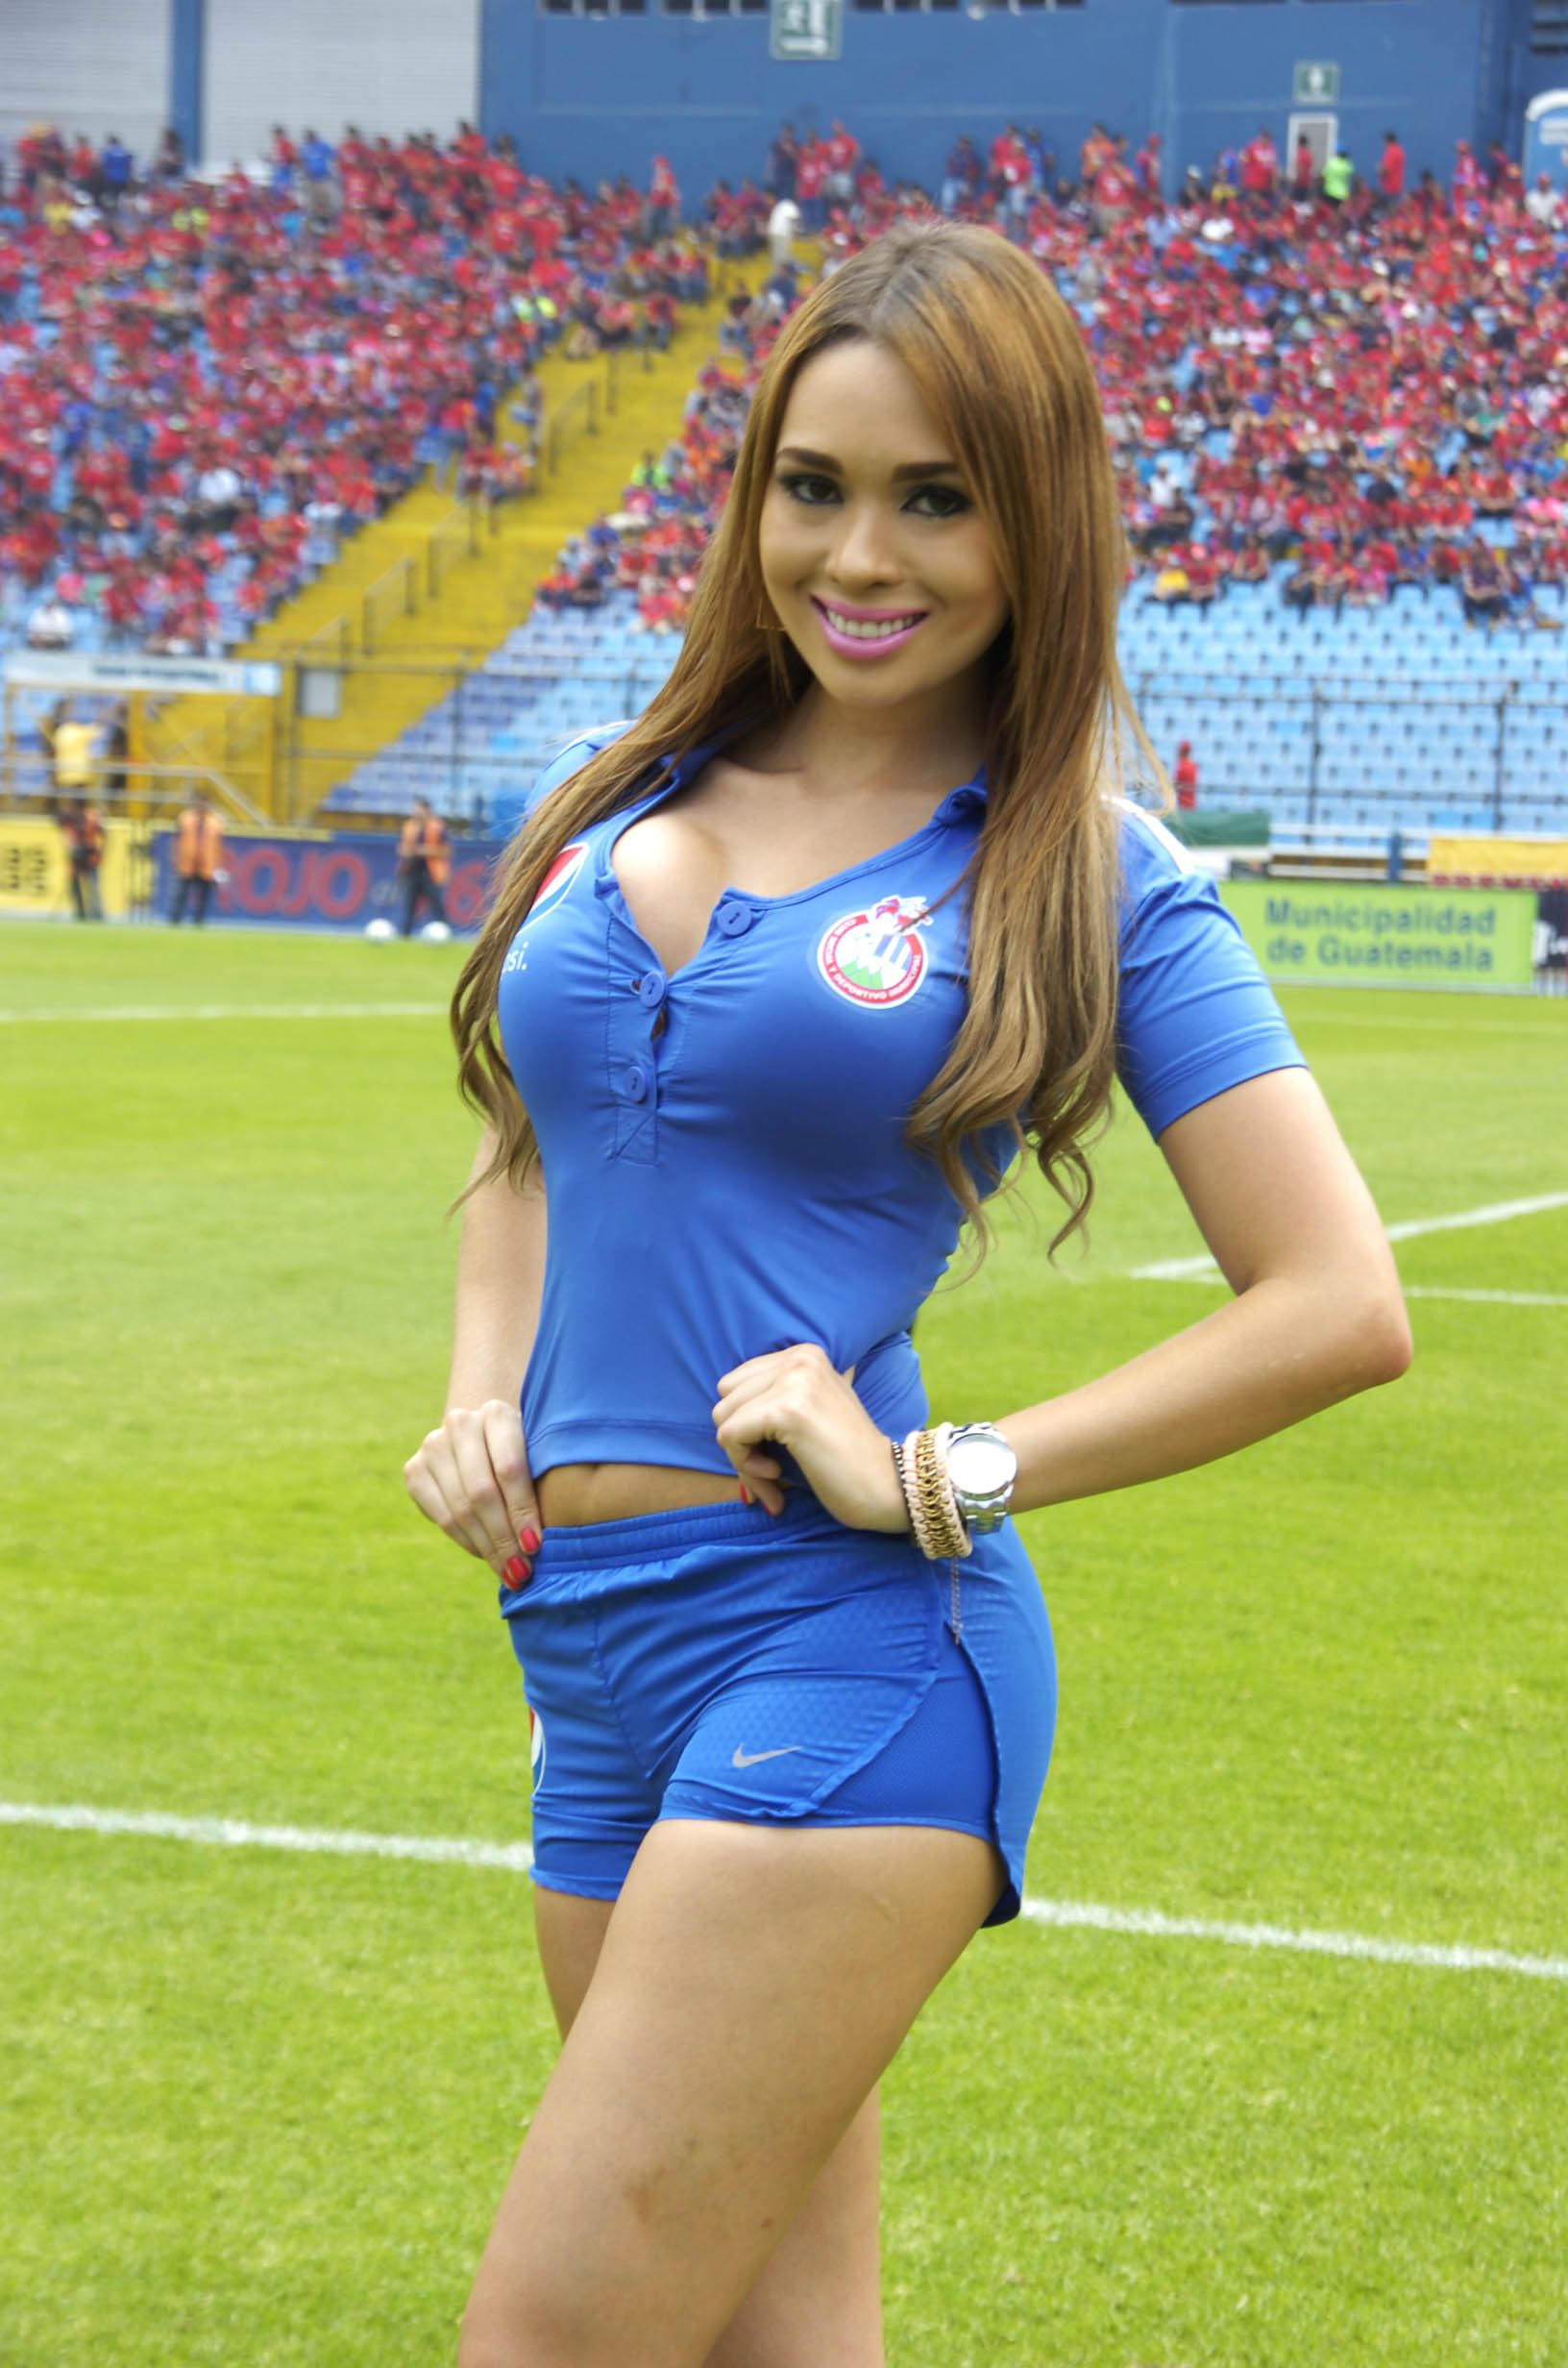 mariana-velarde-de-venezuela-4057